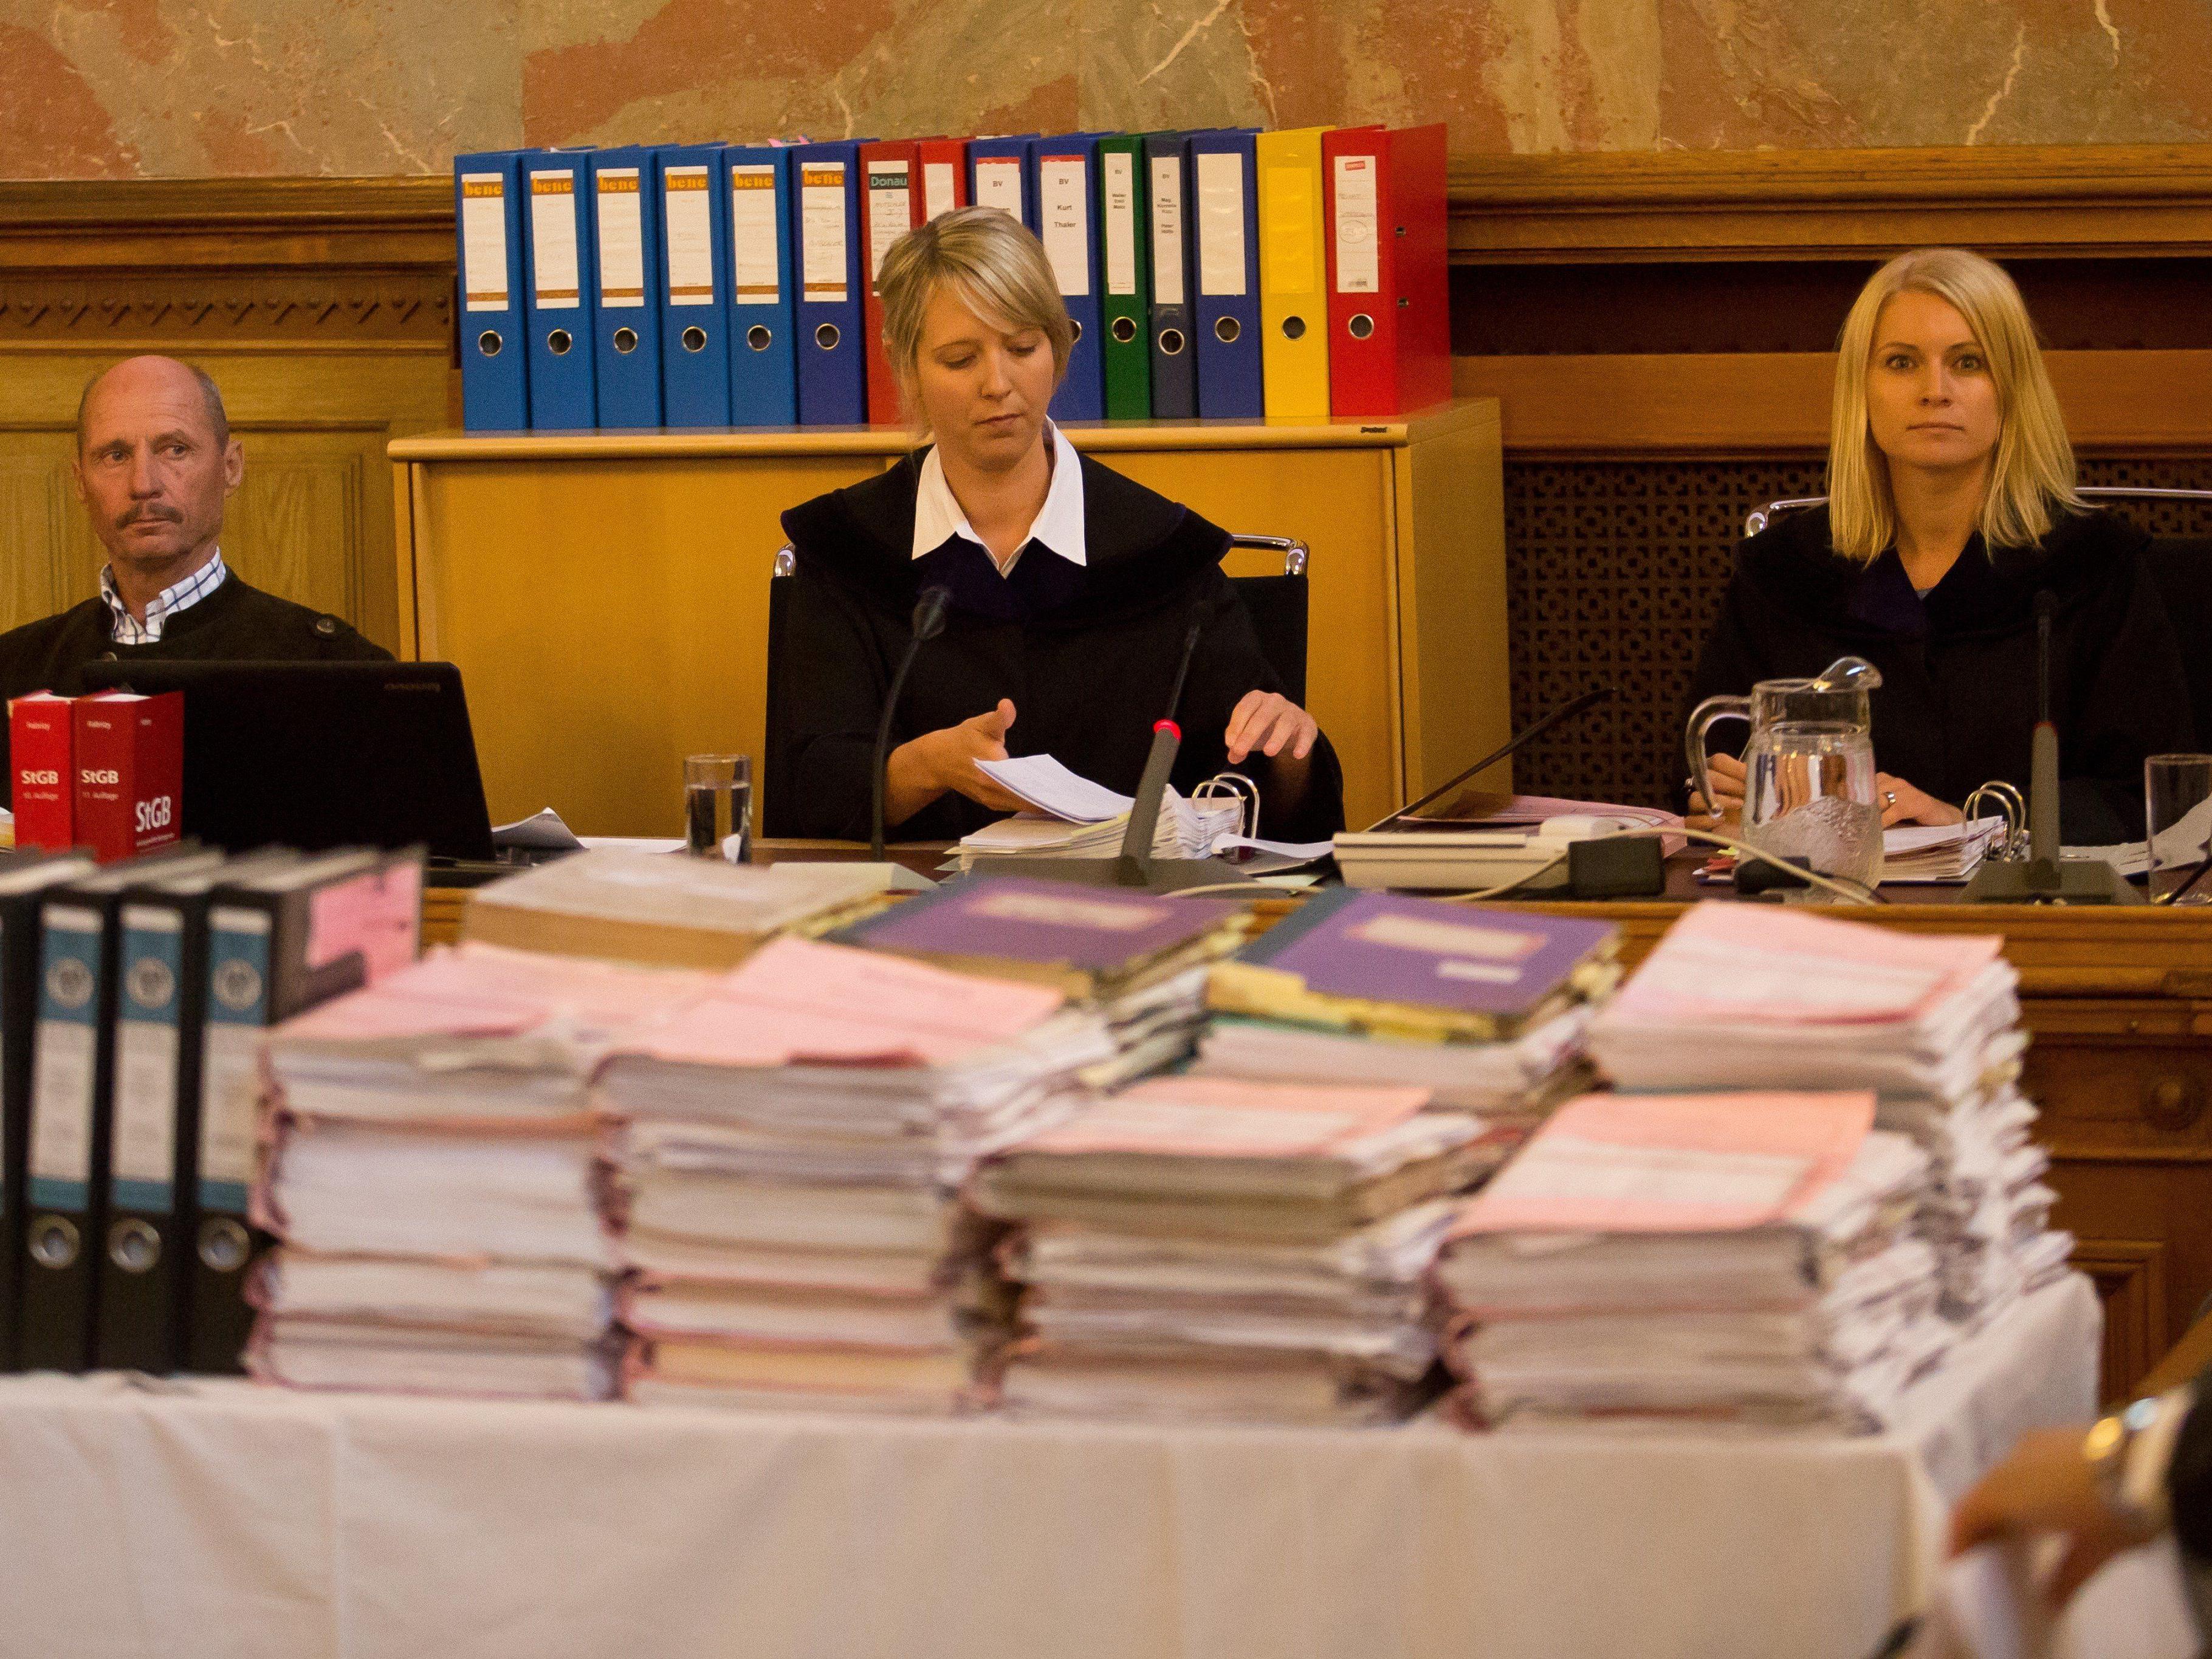 Der Schöffensenat unter Vorsitz von Christina Rott soll sich am Freitag eingehend beraten.